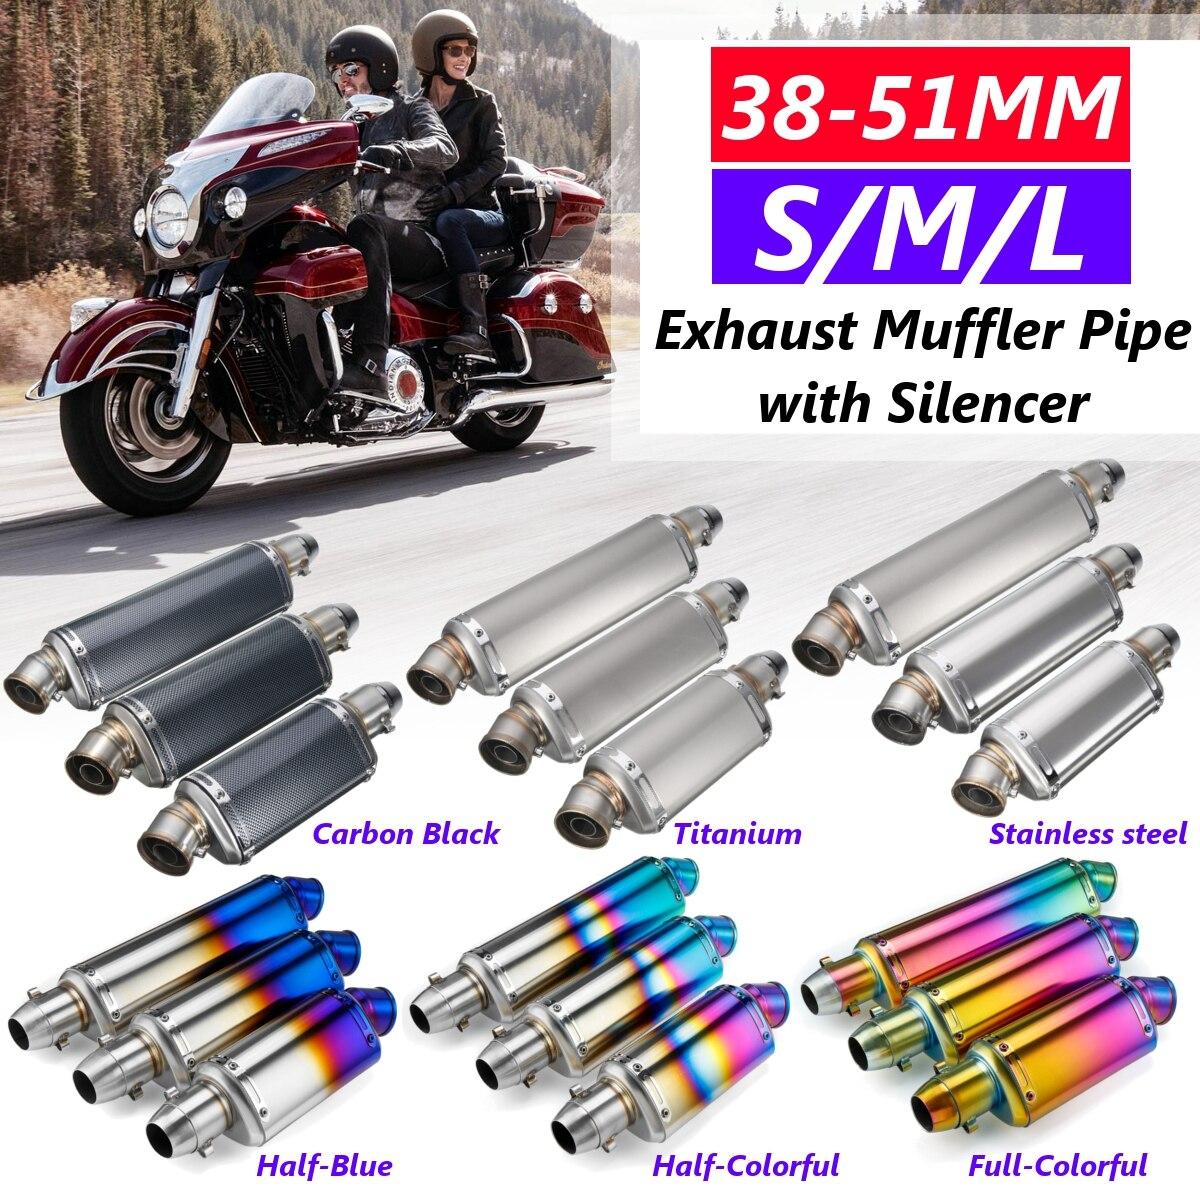 Tuyau universel de silencieux d'échappement de moto d'acier inoxydable de 38-51mm pour HONDA pour Kawasaki pour Suzuki S/M/L 175mm/235mm/300mm